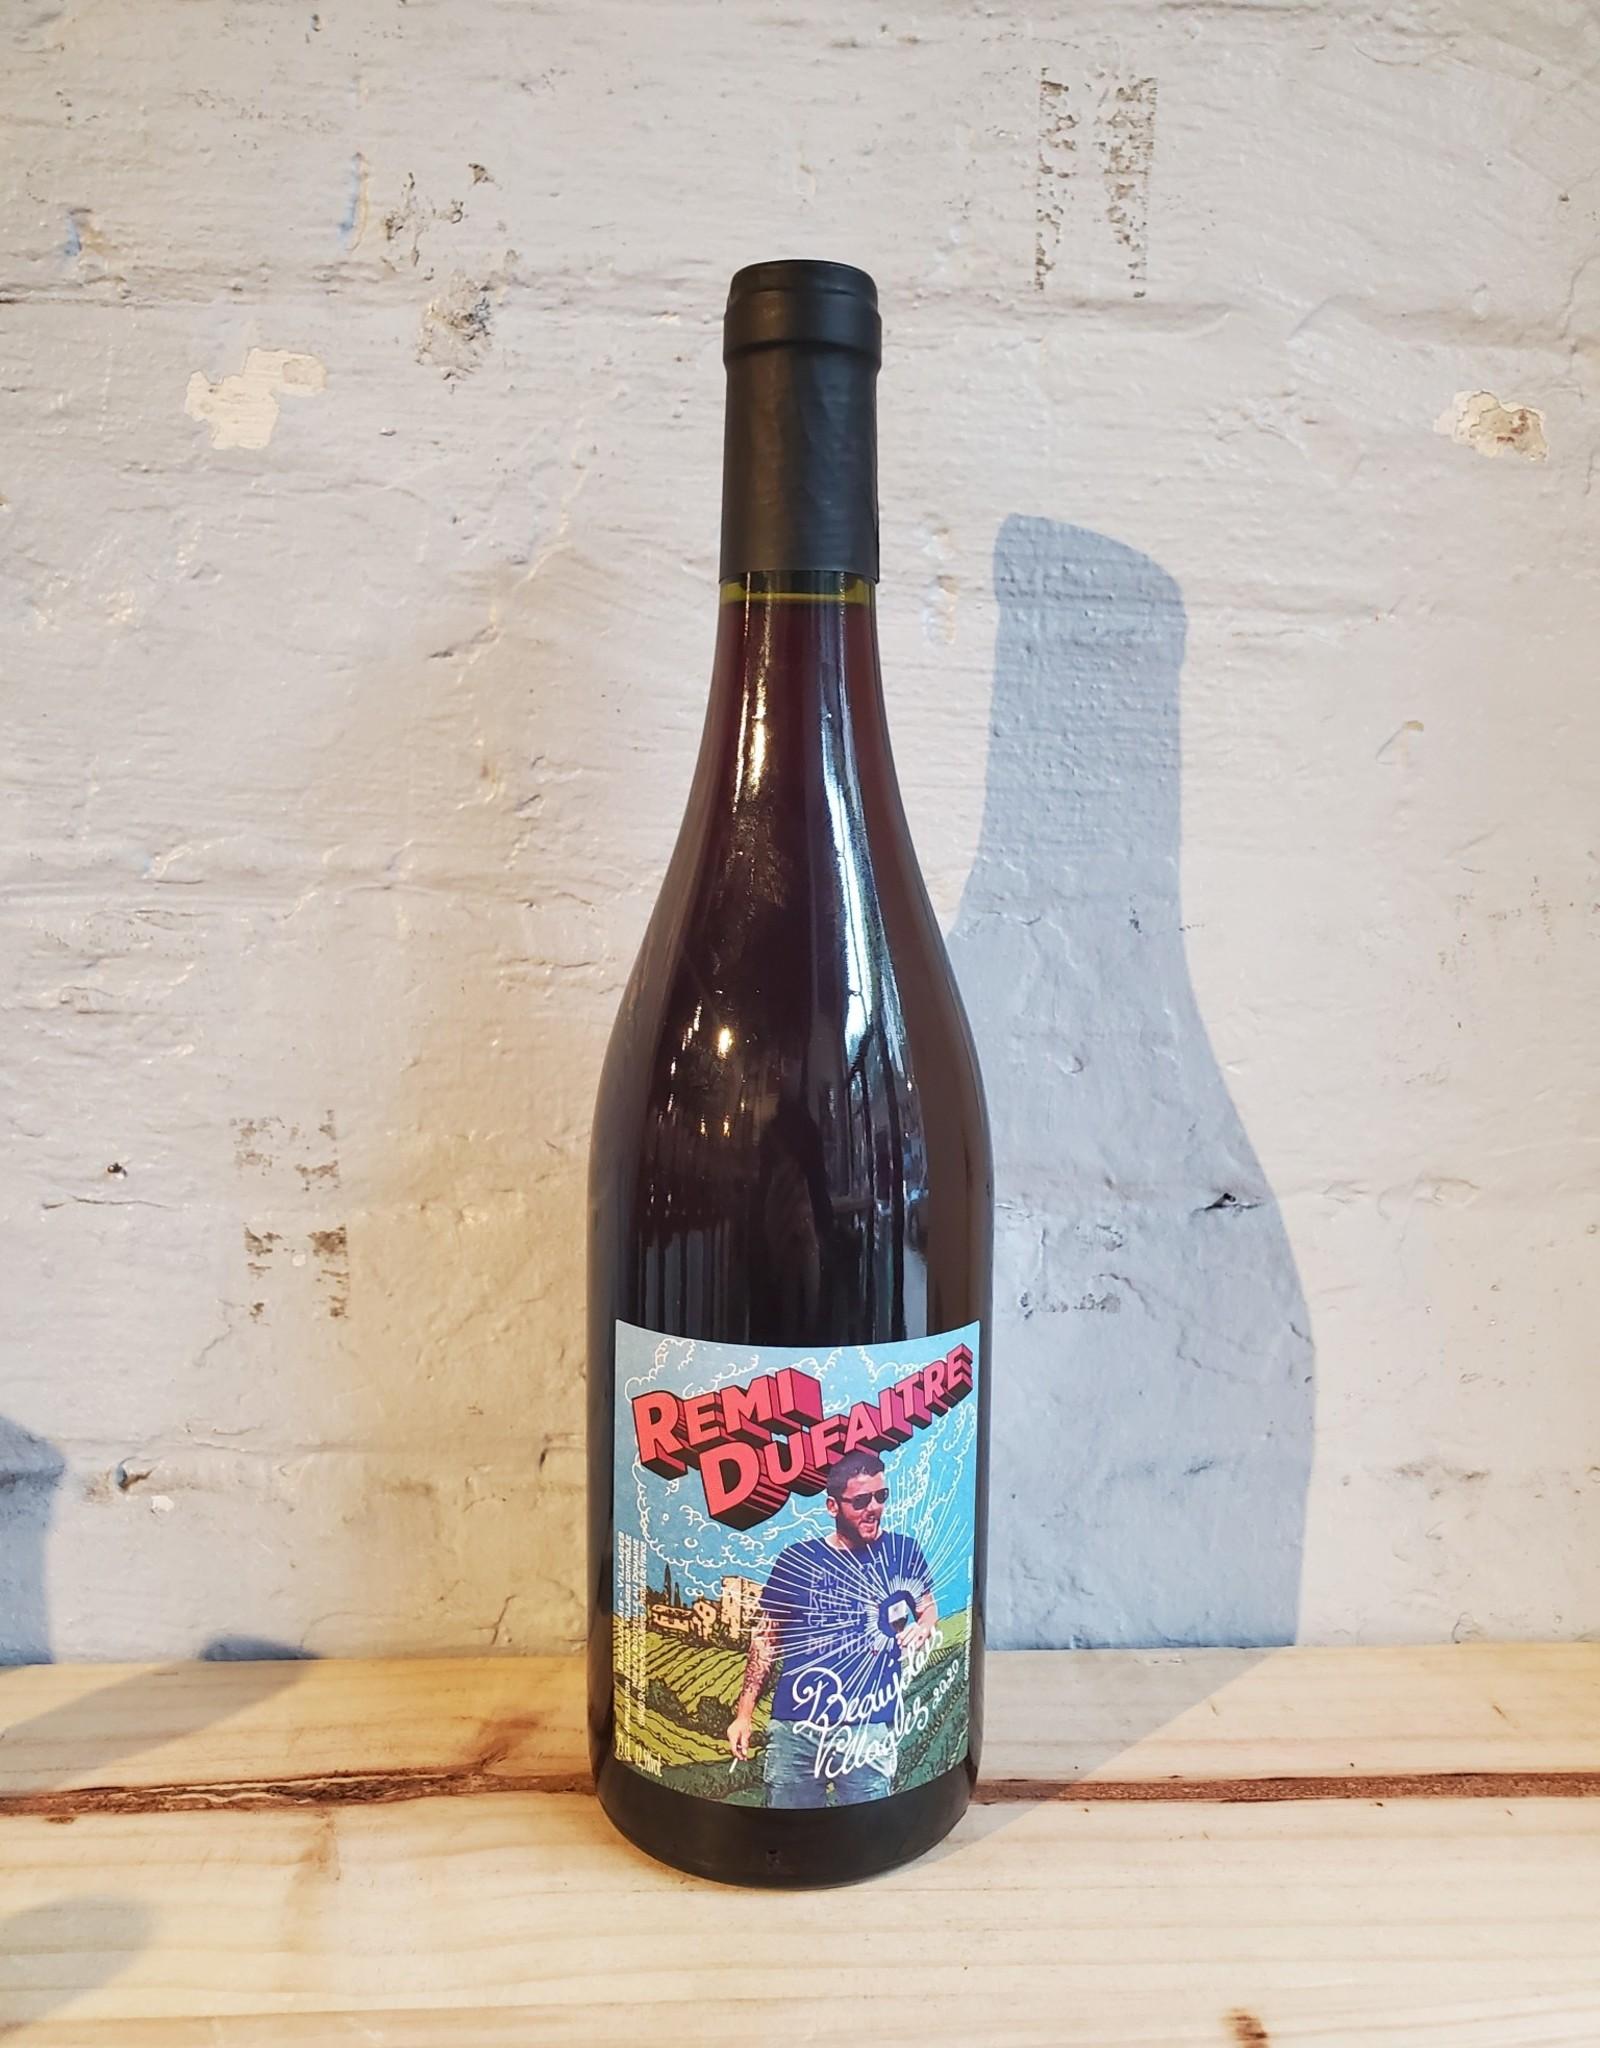 Wine 2020 Dufaitre Super Remi - Beaujolais Villages, France (750ml)